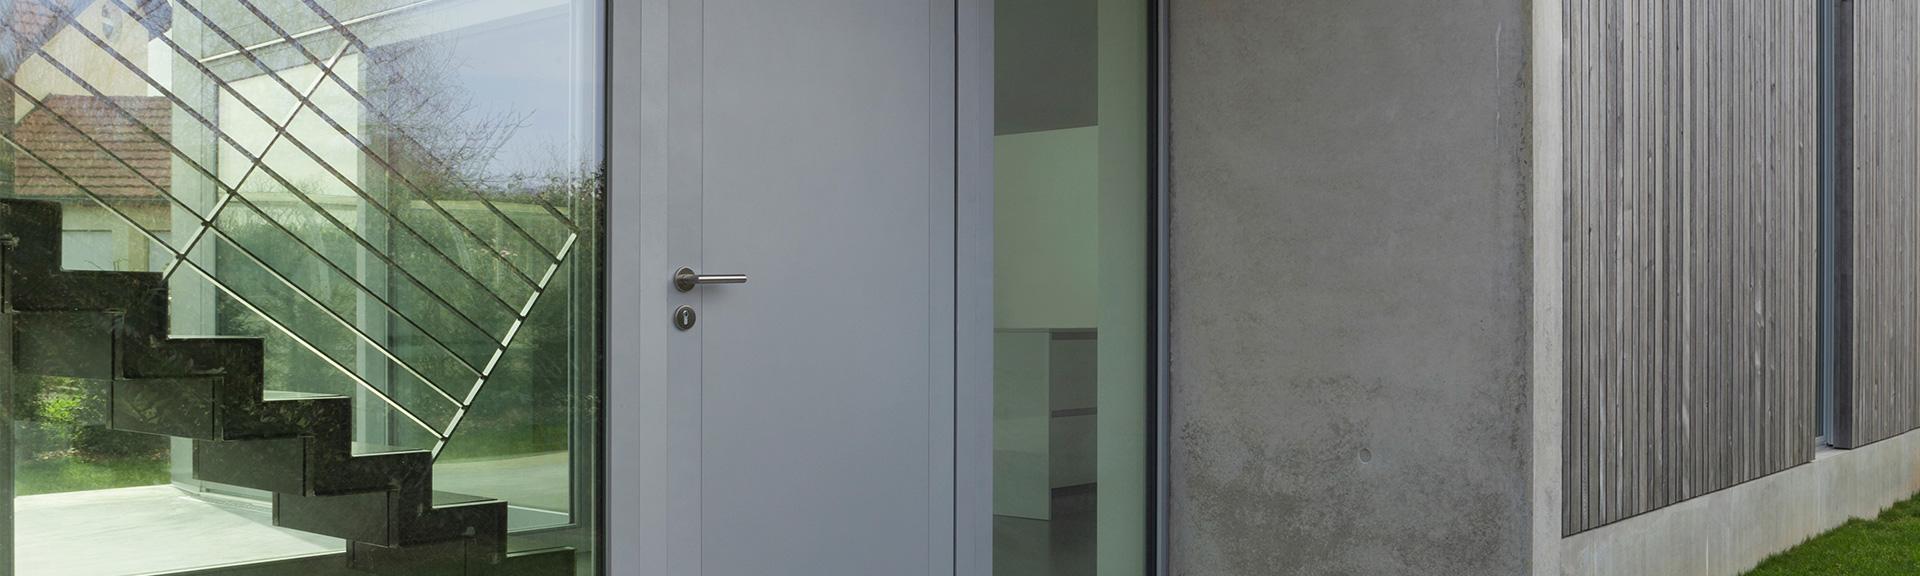 Weltnorm - Premium kakovostna vrata